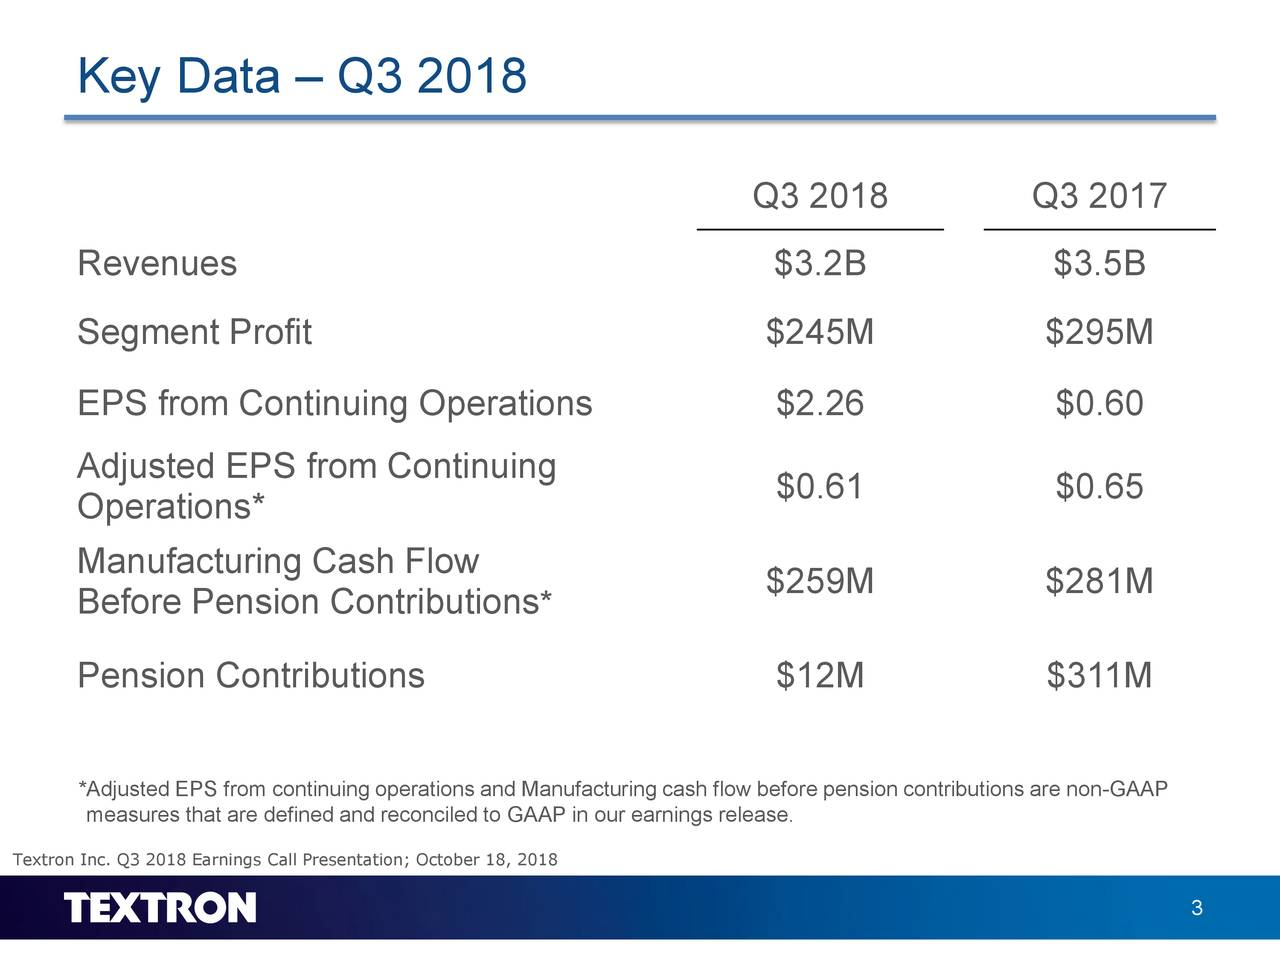 Key Data – Q3 2018